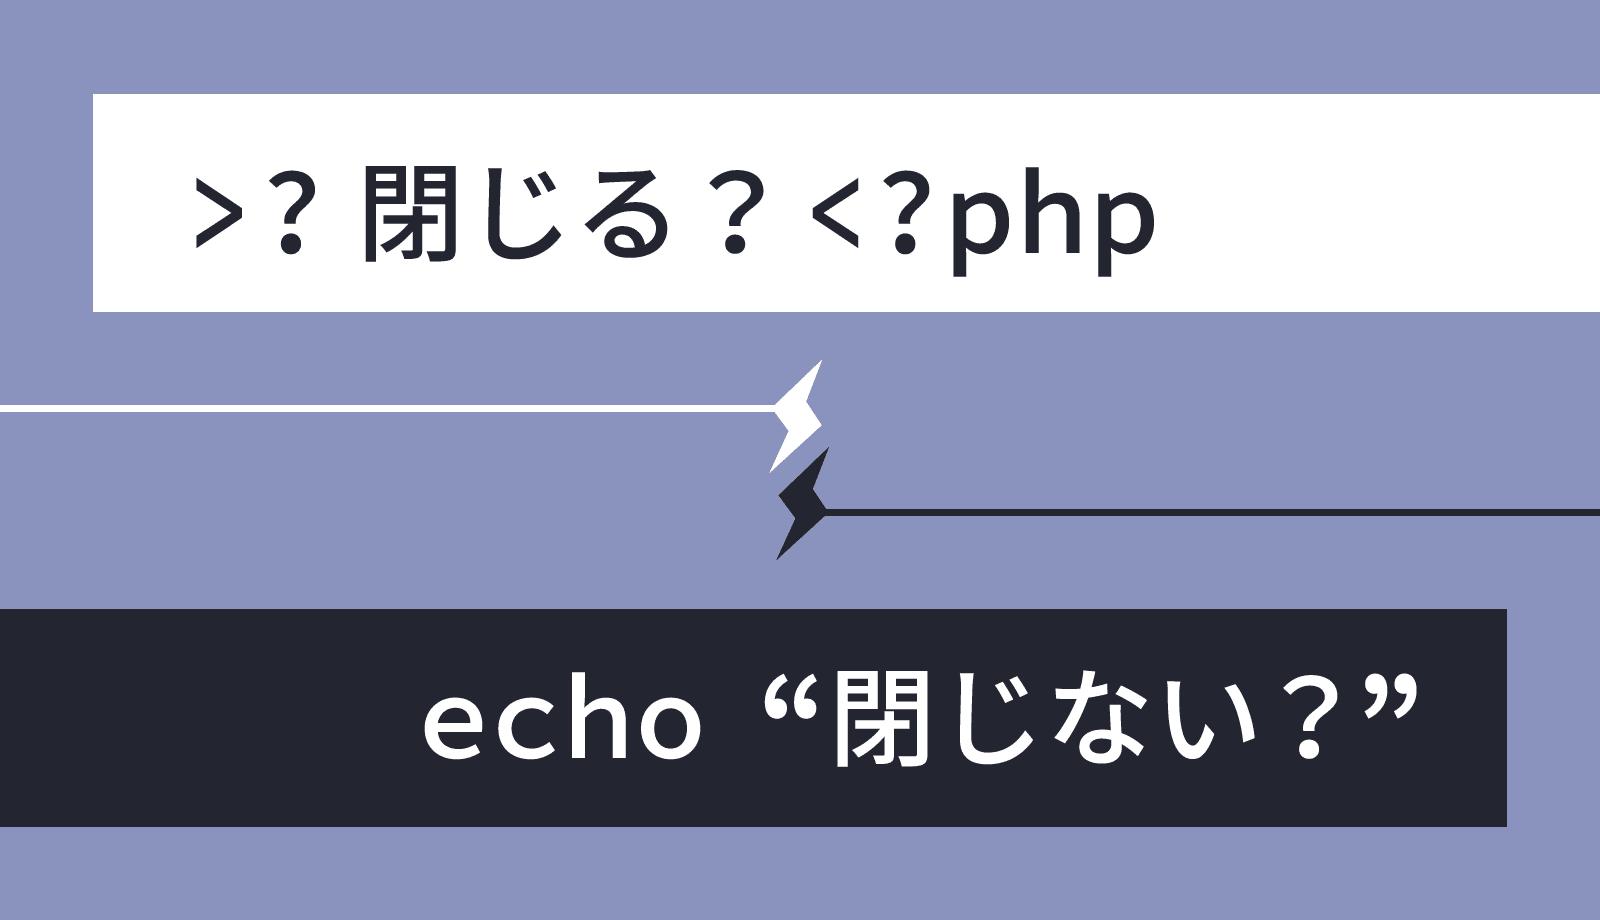 php文の途中でhtmlを出力する時にphpタグを一度閉じるべきか、そのままechoで出力するべきかを速度比較で考察してみた。